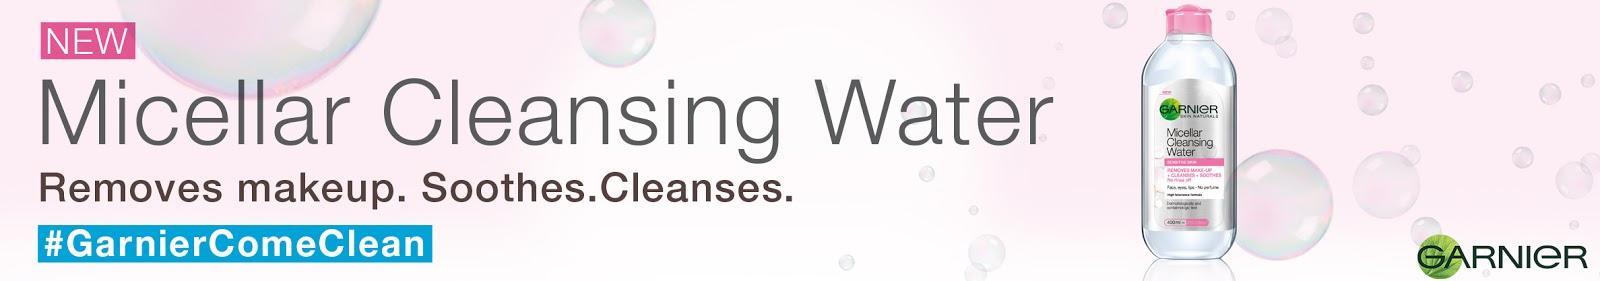 Garnier Micellar Water, Micellar Water, Cleansing Water, makeup remover, makeup